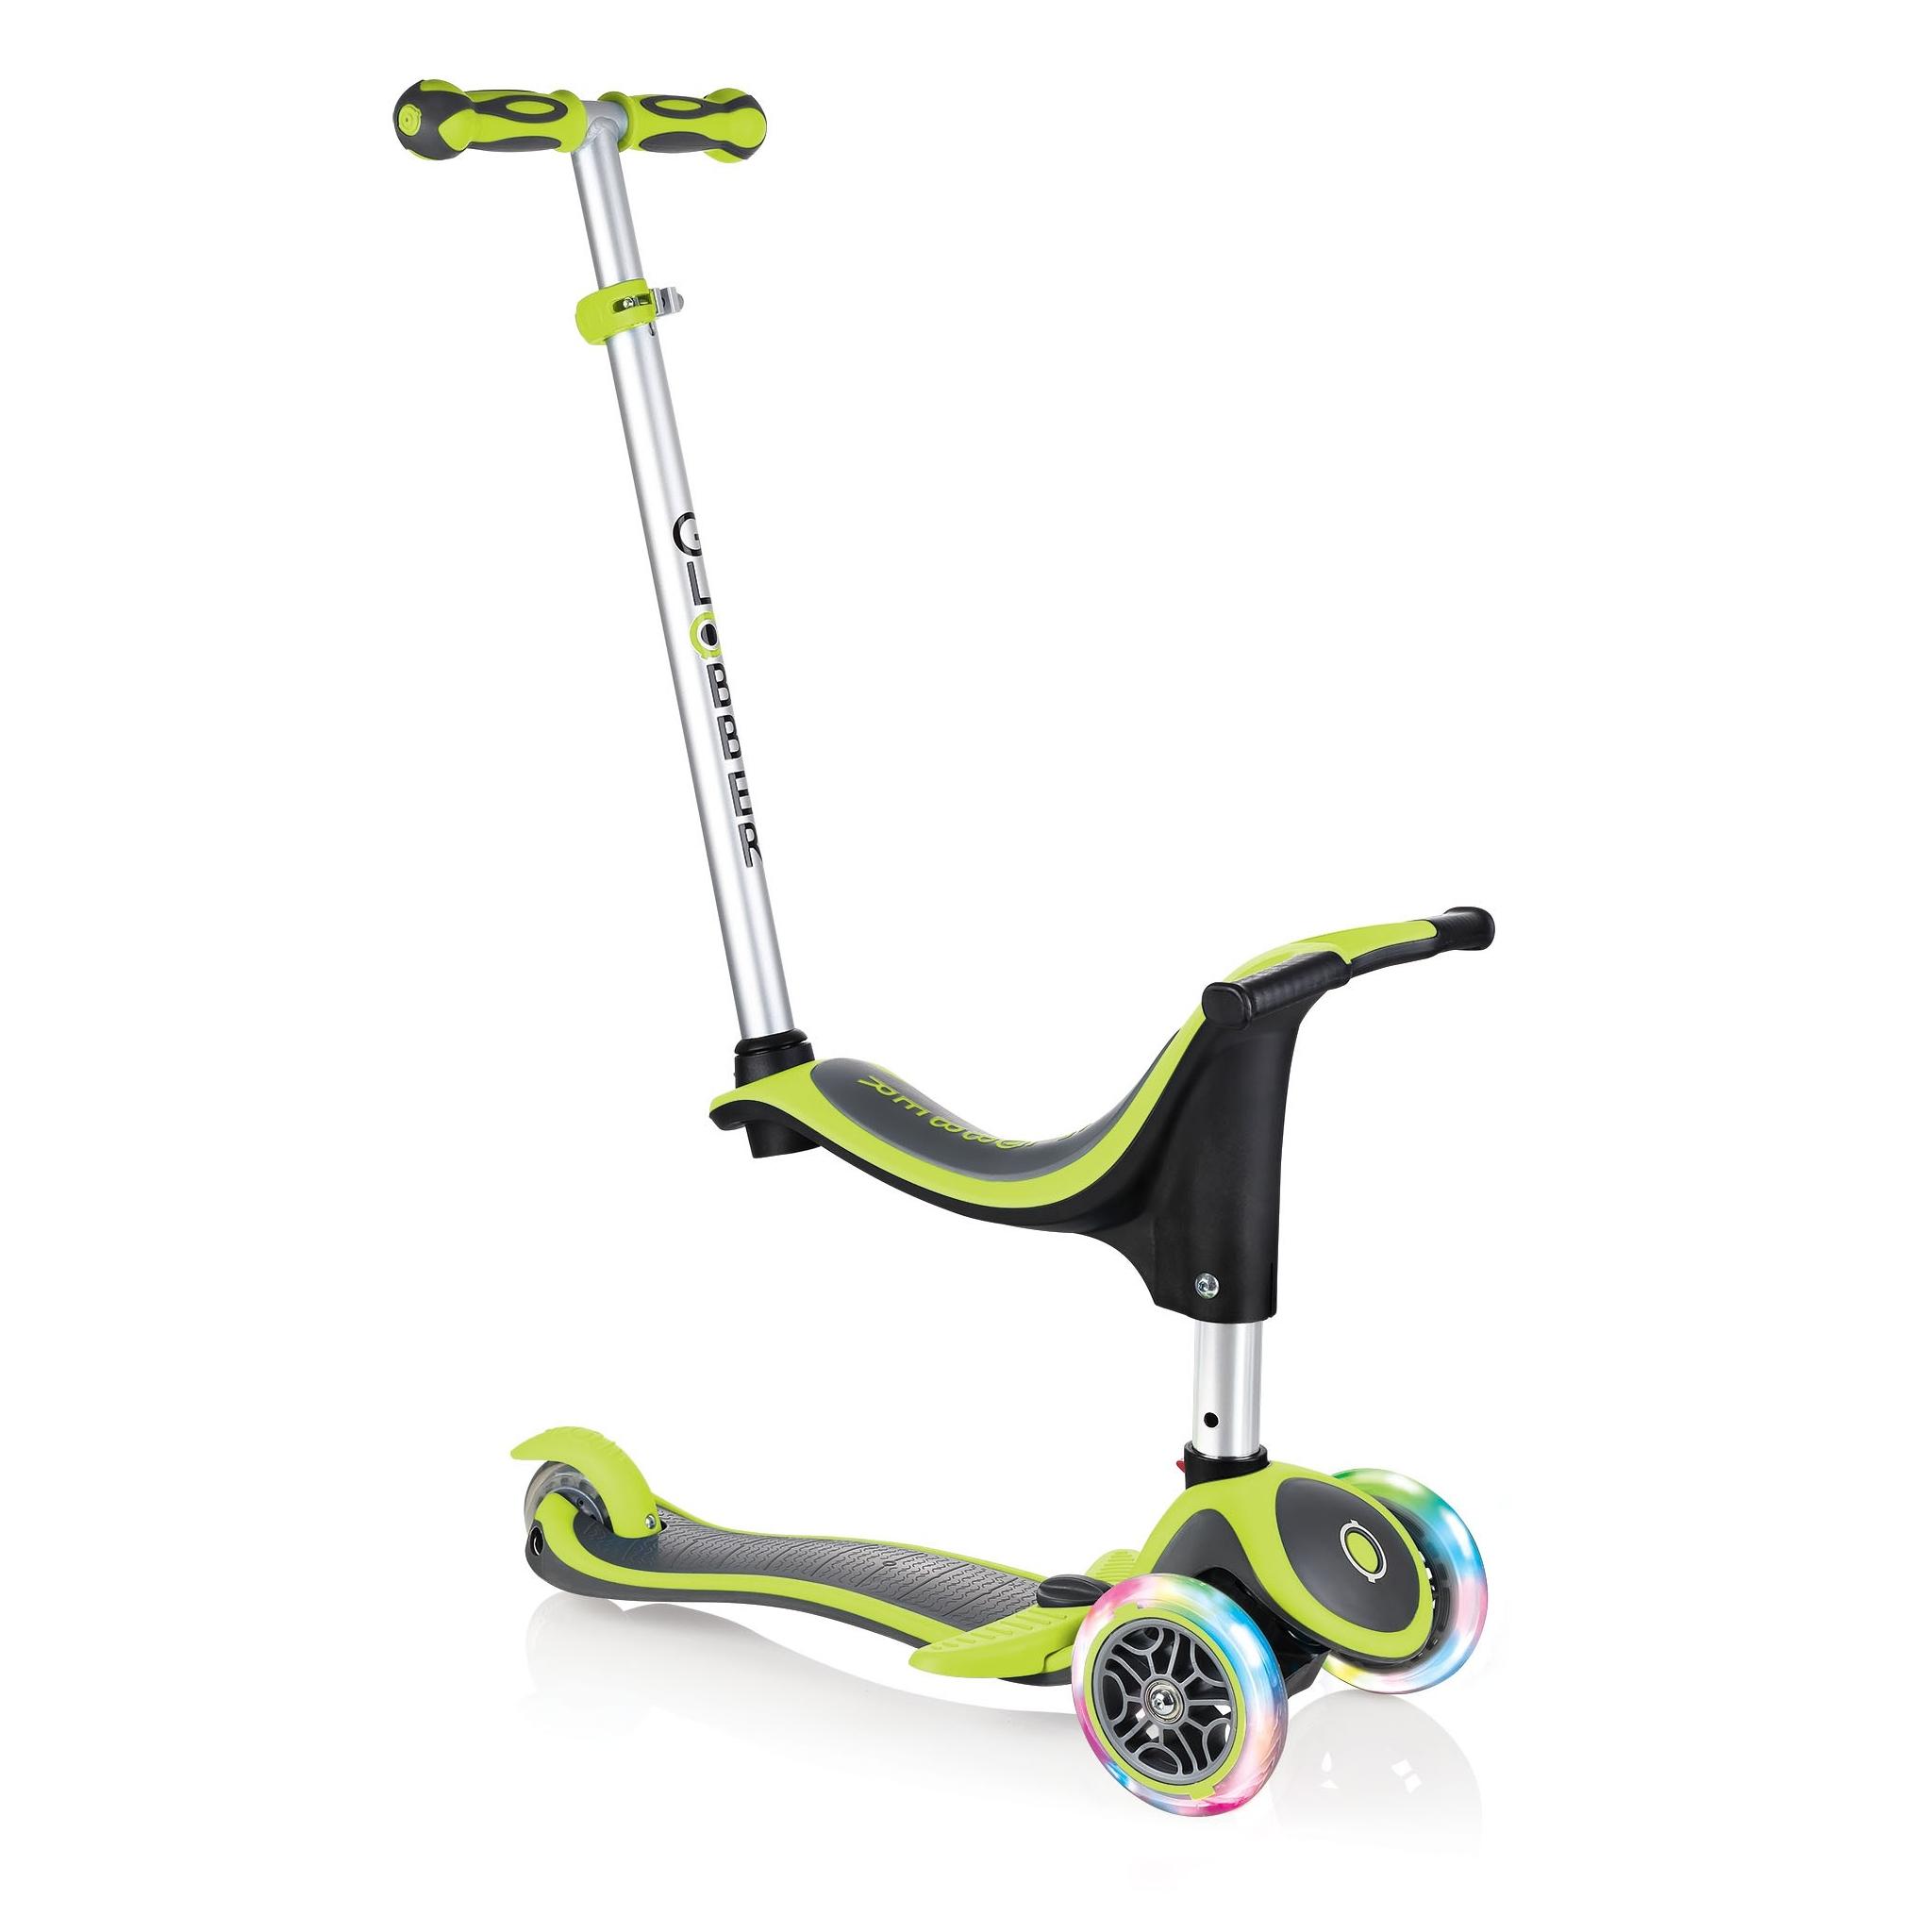 globber evo 4in1 plus lights trottinette 3 roues pour enfants volutive avec guidon adjustable. Black Bedroom Furniture Sets. Home Design Ideas